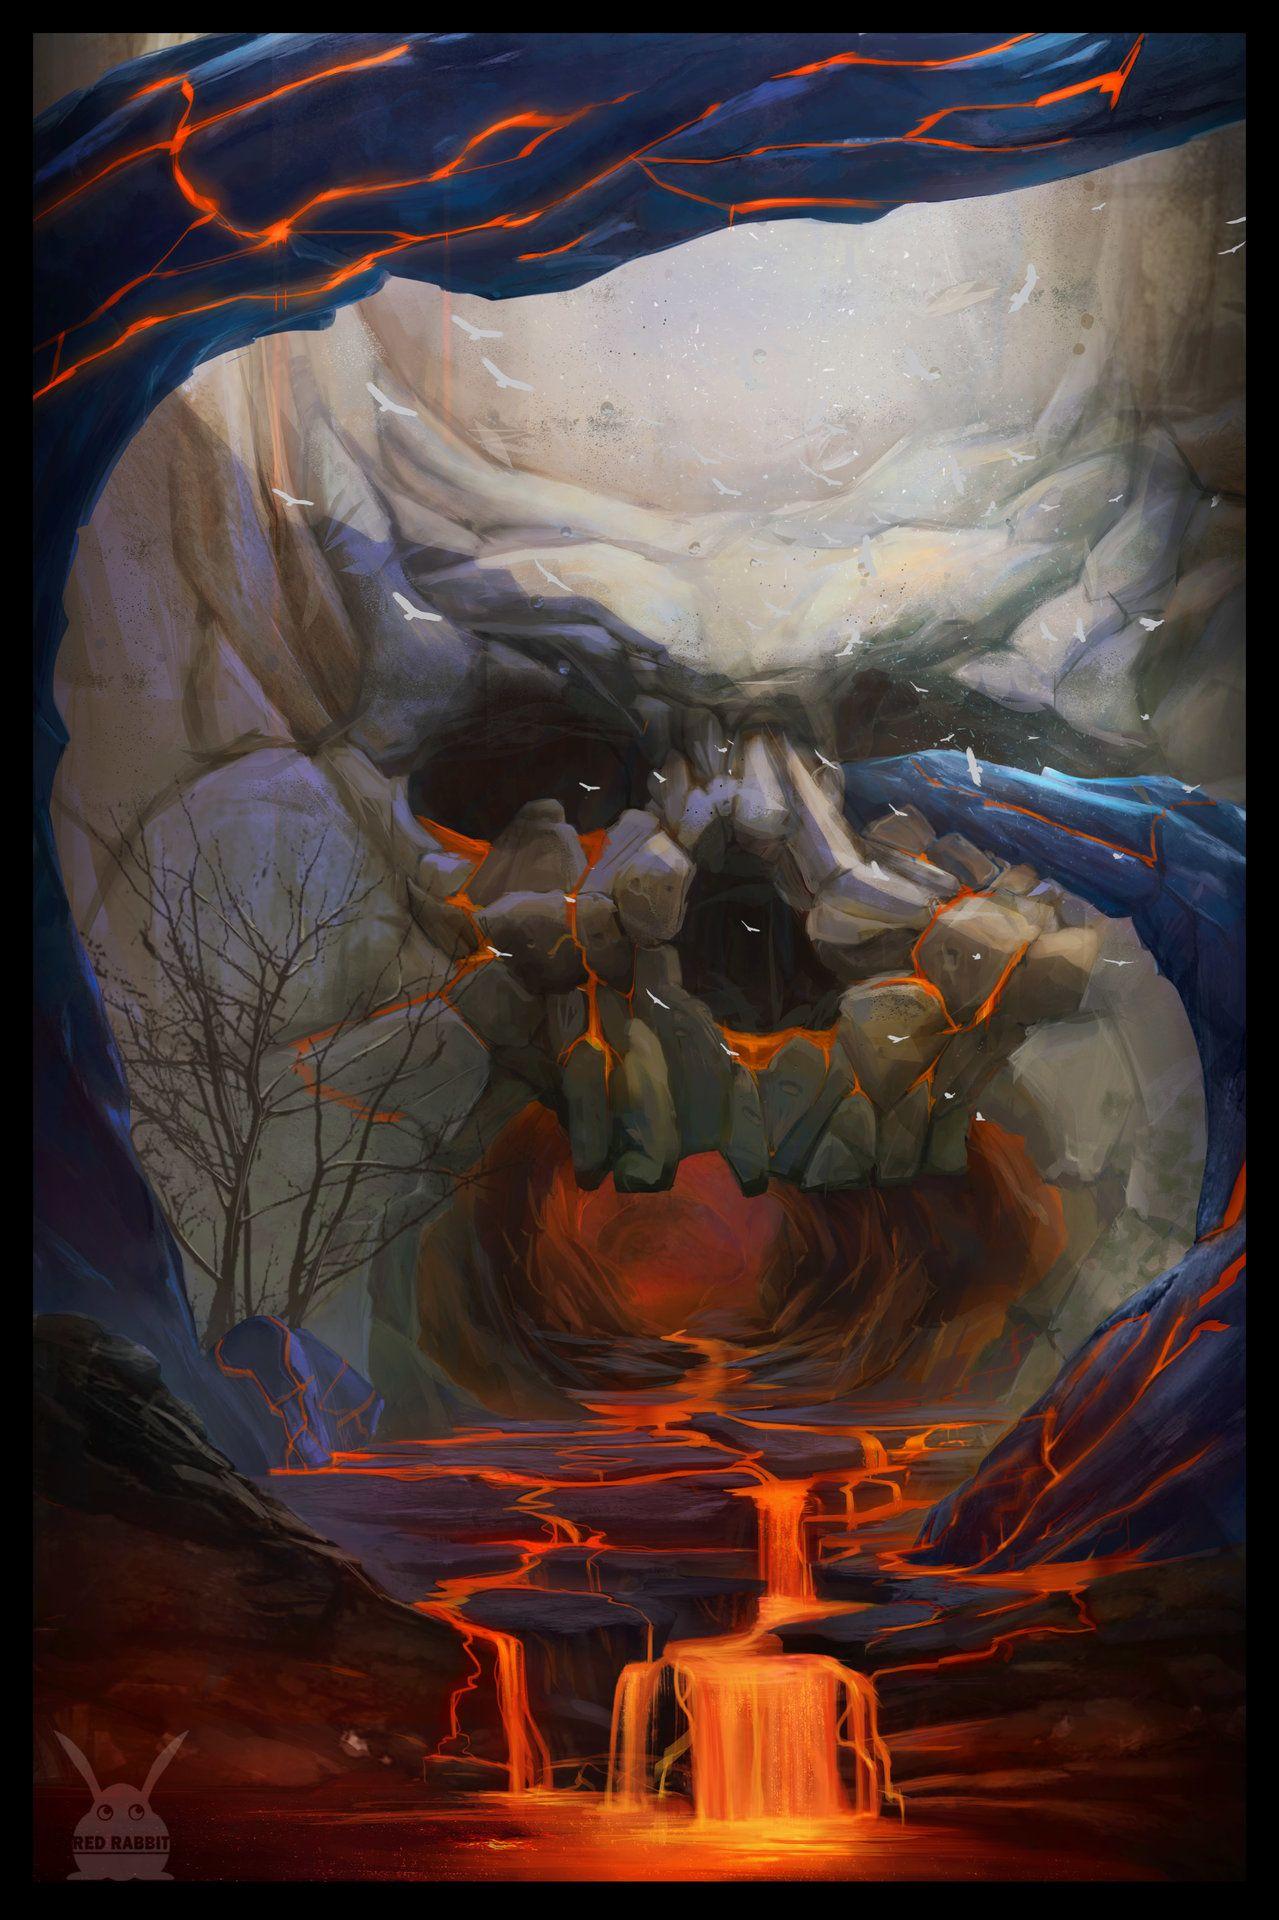 ArtStation - Skull, Red Rabbit